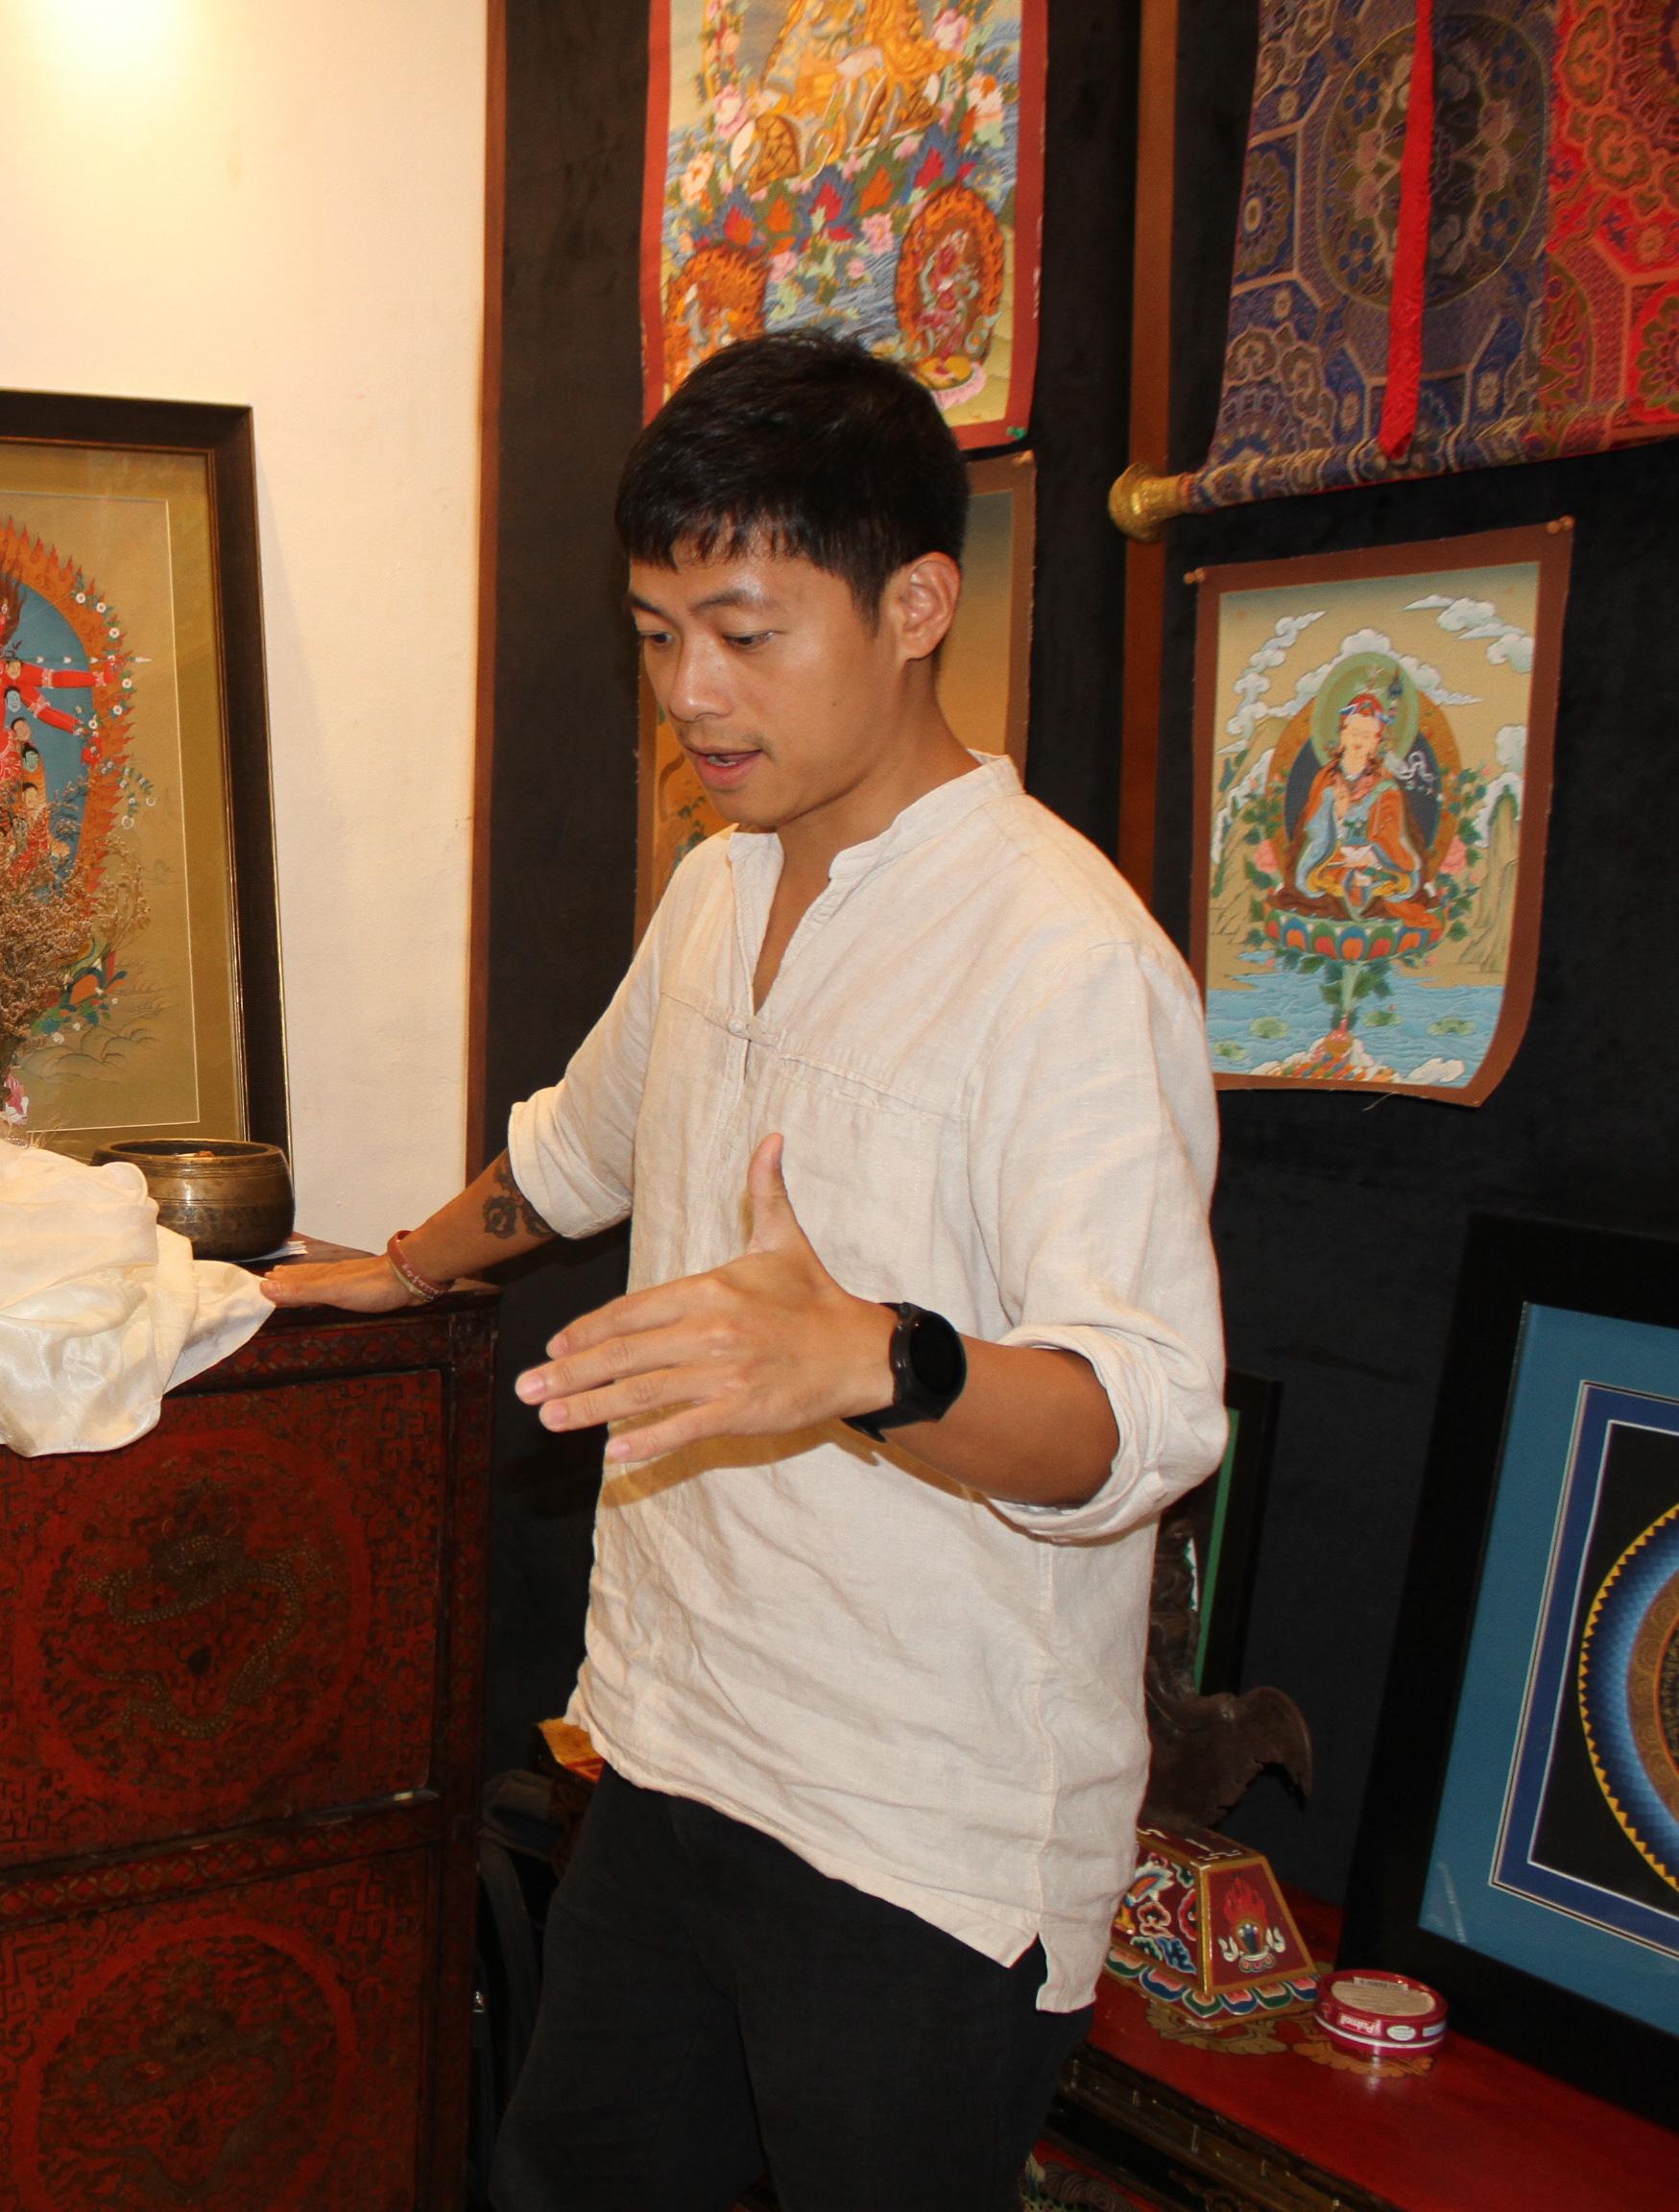 """Nguyễn Mạnh Duy, chủ dự án """"Ngôi nhà văn hoá Tây Tạng"""": """"Xứ tuyết Himalaya dẫn tôi tìm thấy hạnh phúc"""" - Ảnh 10."""